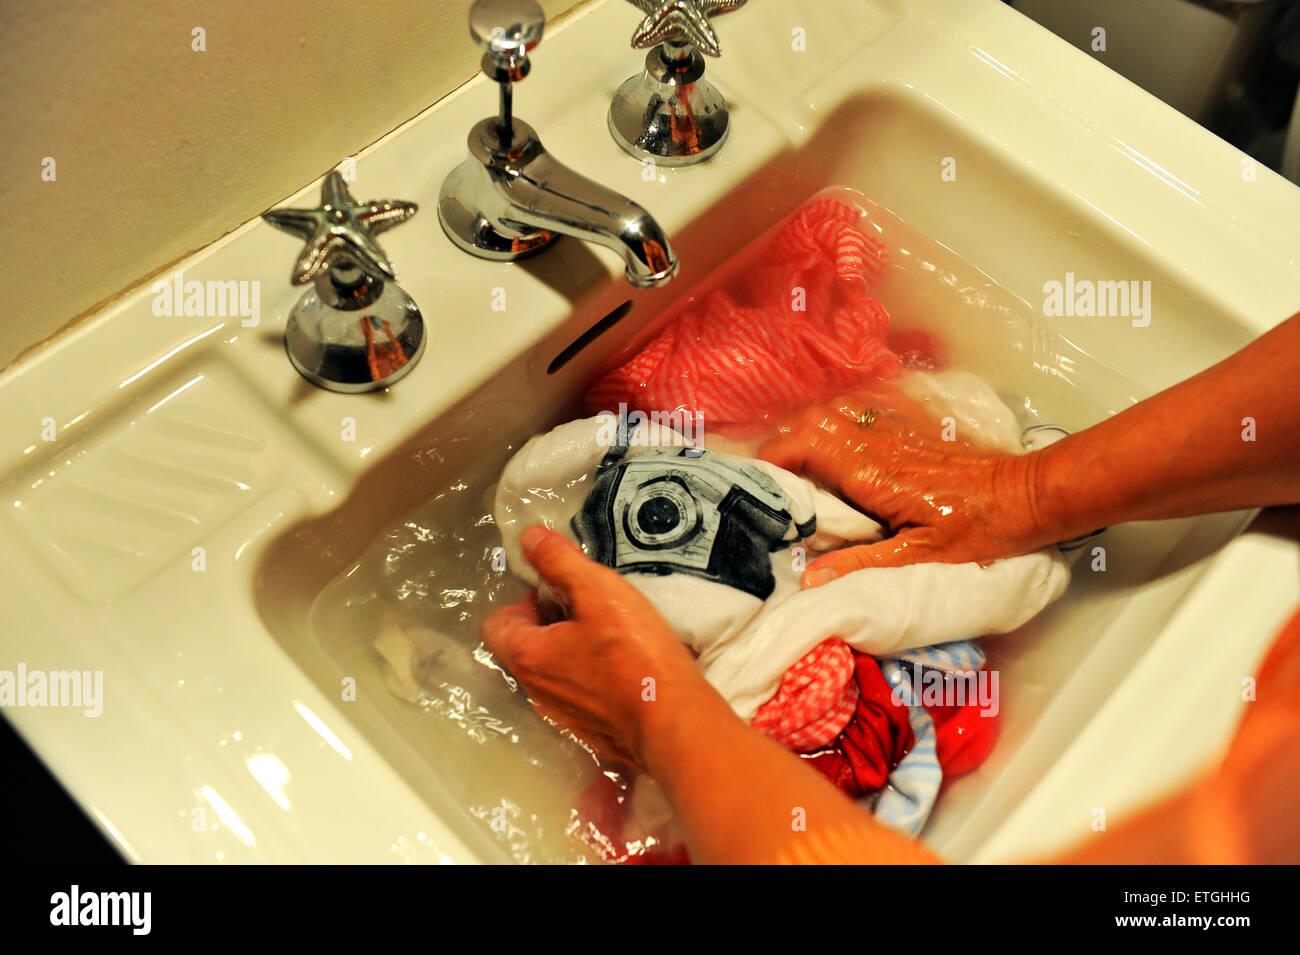 Il lavaggio a mano nel vintage una bacinella di un bagno una t shirt